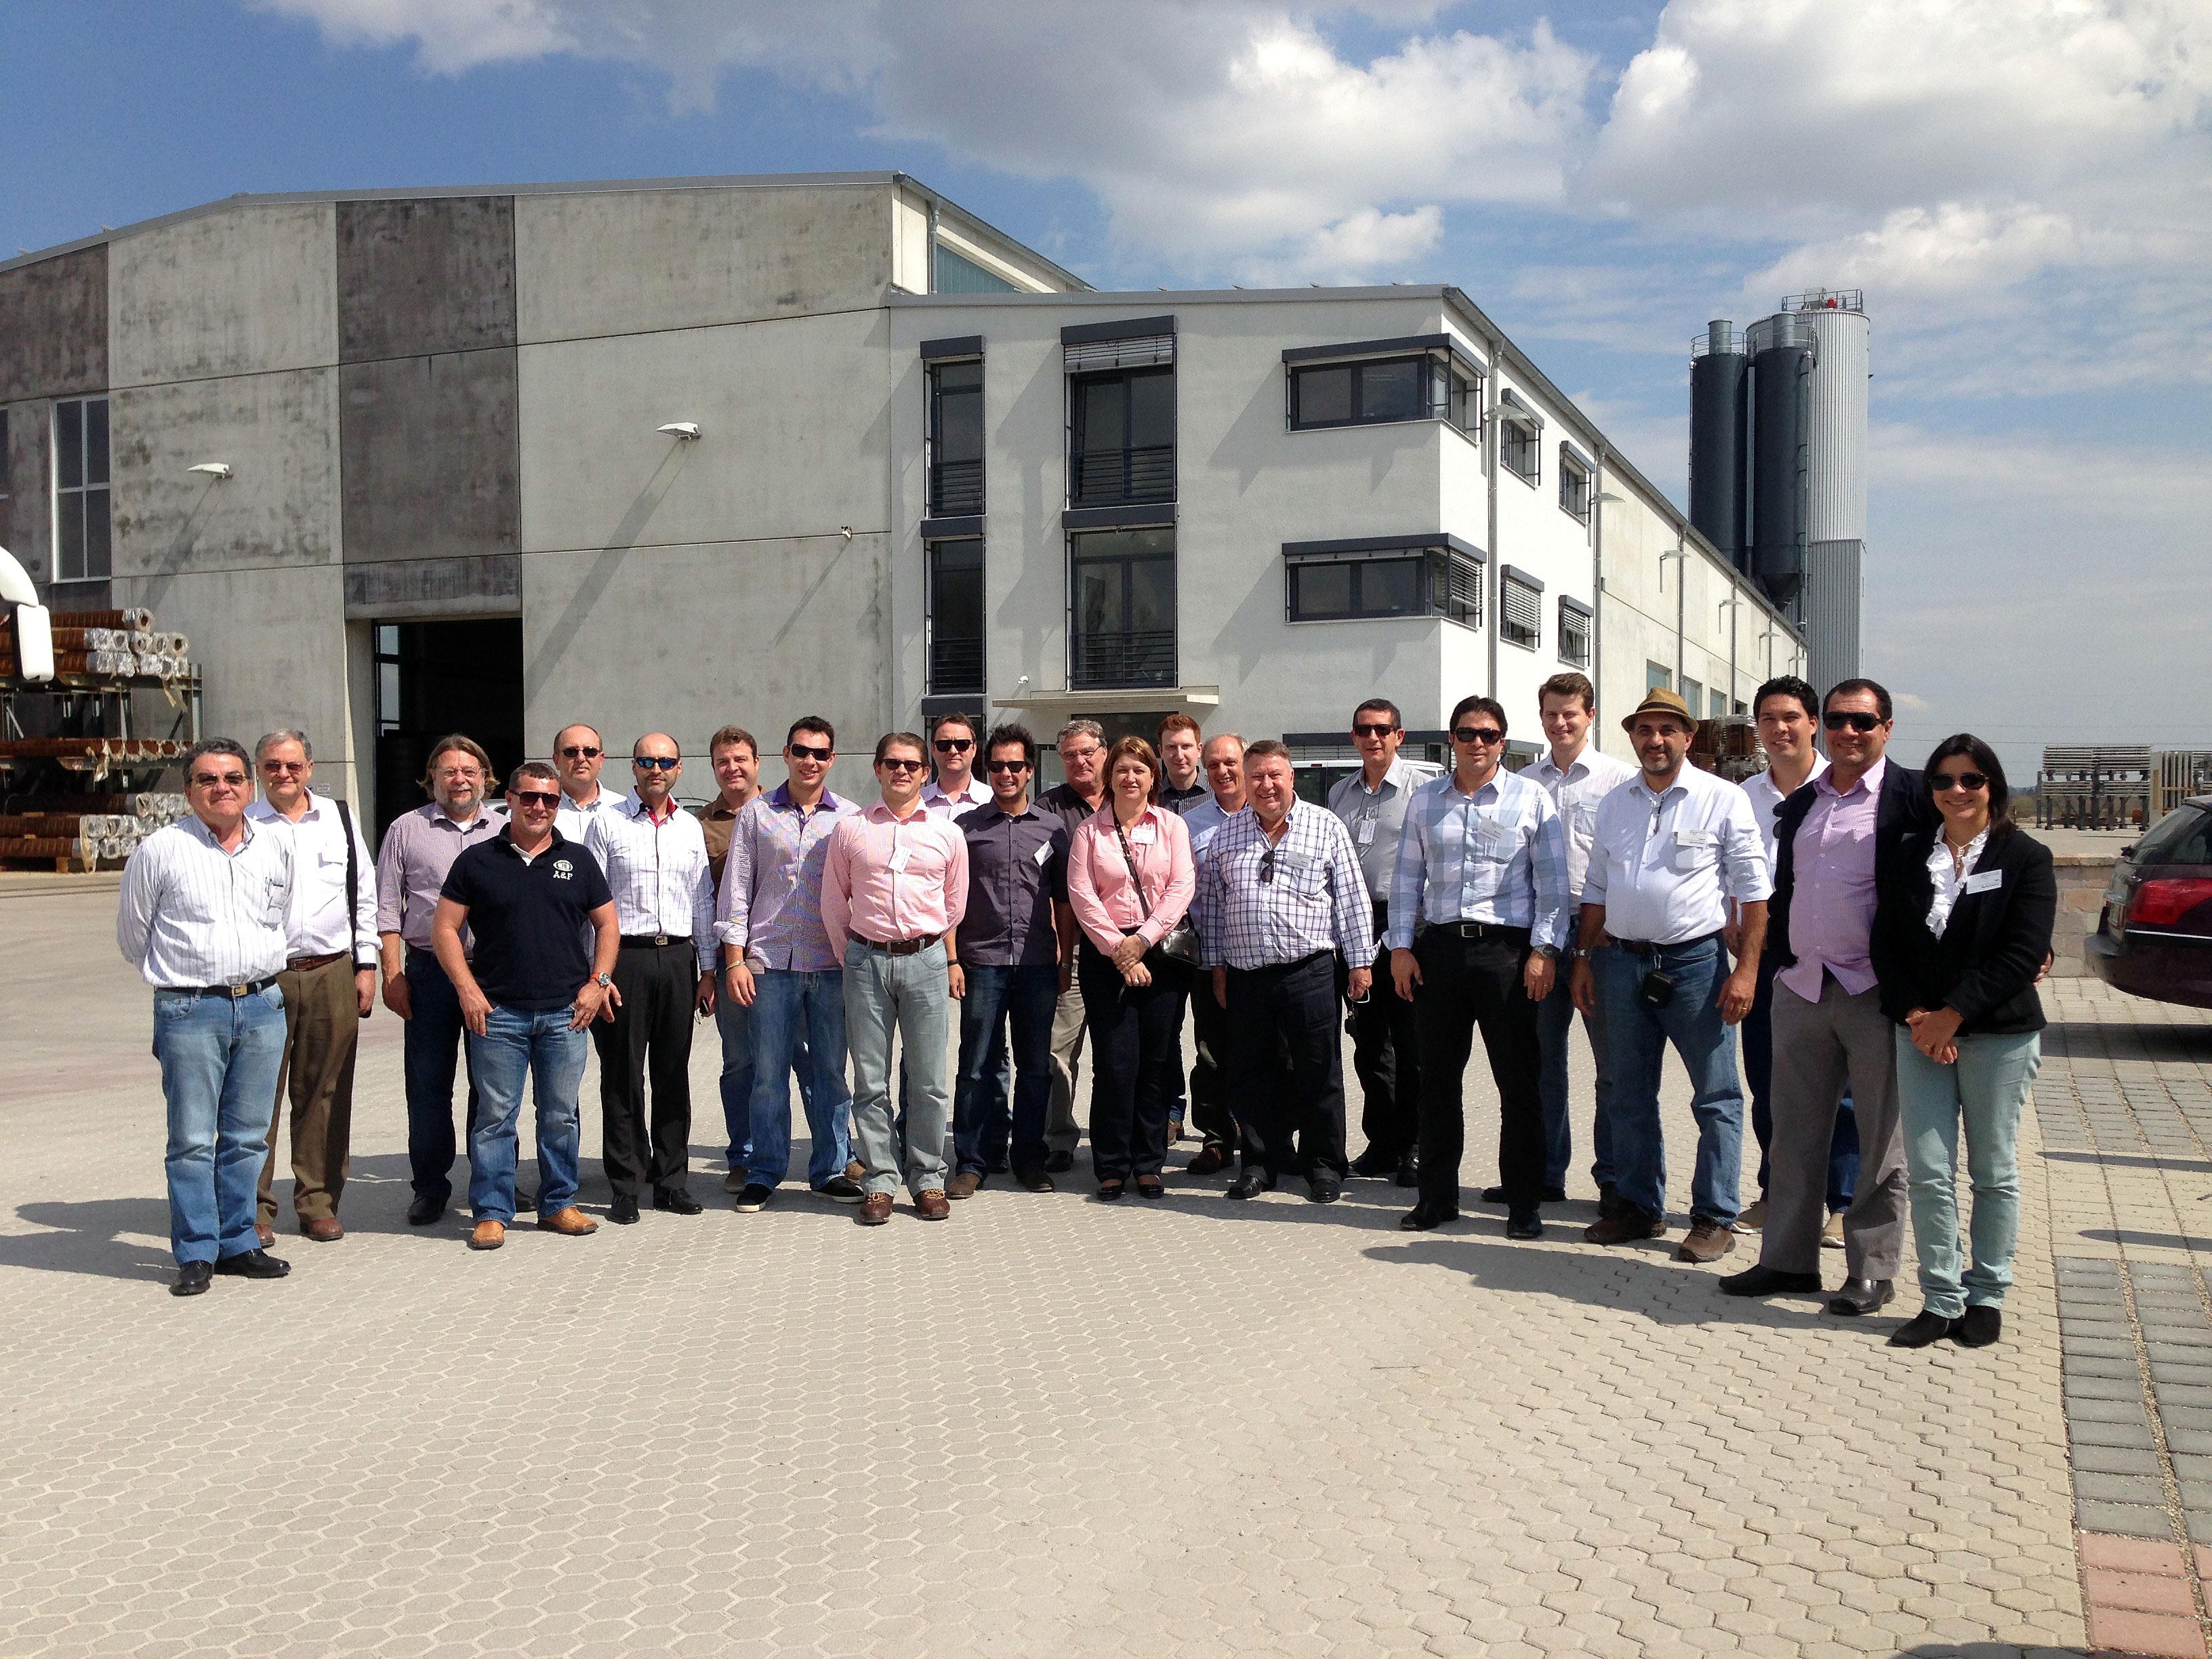 Comitiva liderada pela ABCIC na Bauma 2013: automação foi o que mais chamou a atenção dos brasileiros.